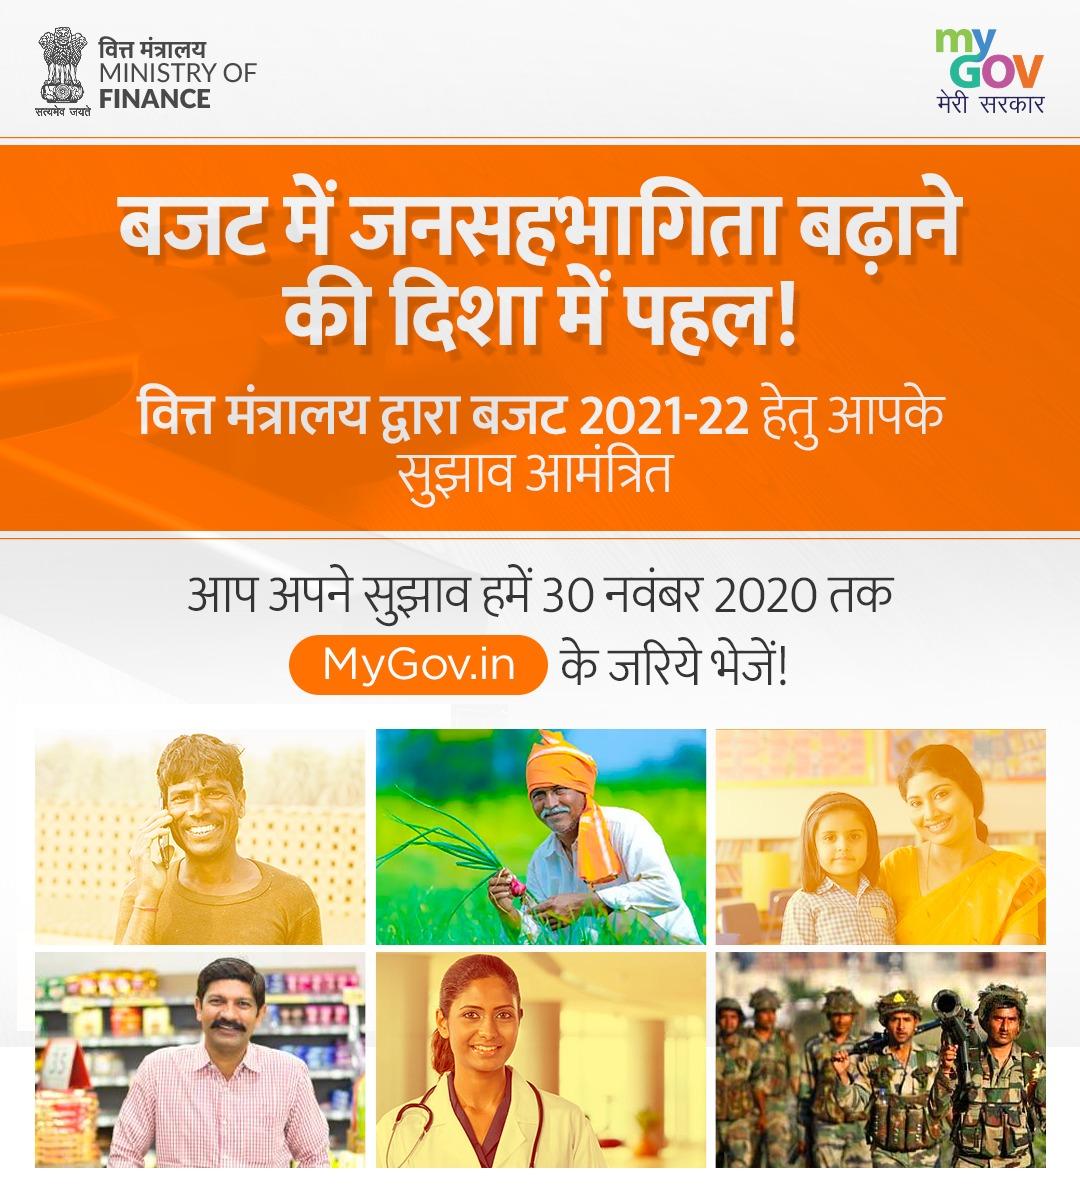 वित्त मंत्रालय ने केंद्रीय बजट 2021-22 के लिए आपके सुझाव आमंत्रित किए गए हैं। देश में विकास को बढ़ावा देने संबंधी यदि आपके पास कोई सुझाव है तो 30 नवंबर 2020 तक जरूर भेजें..     #TransformingIndia #AatmaNirbharBharat